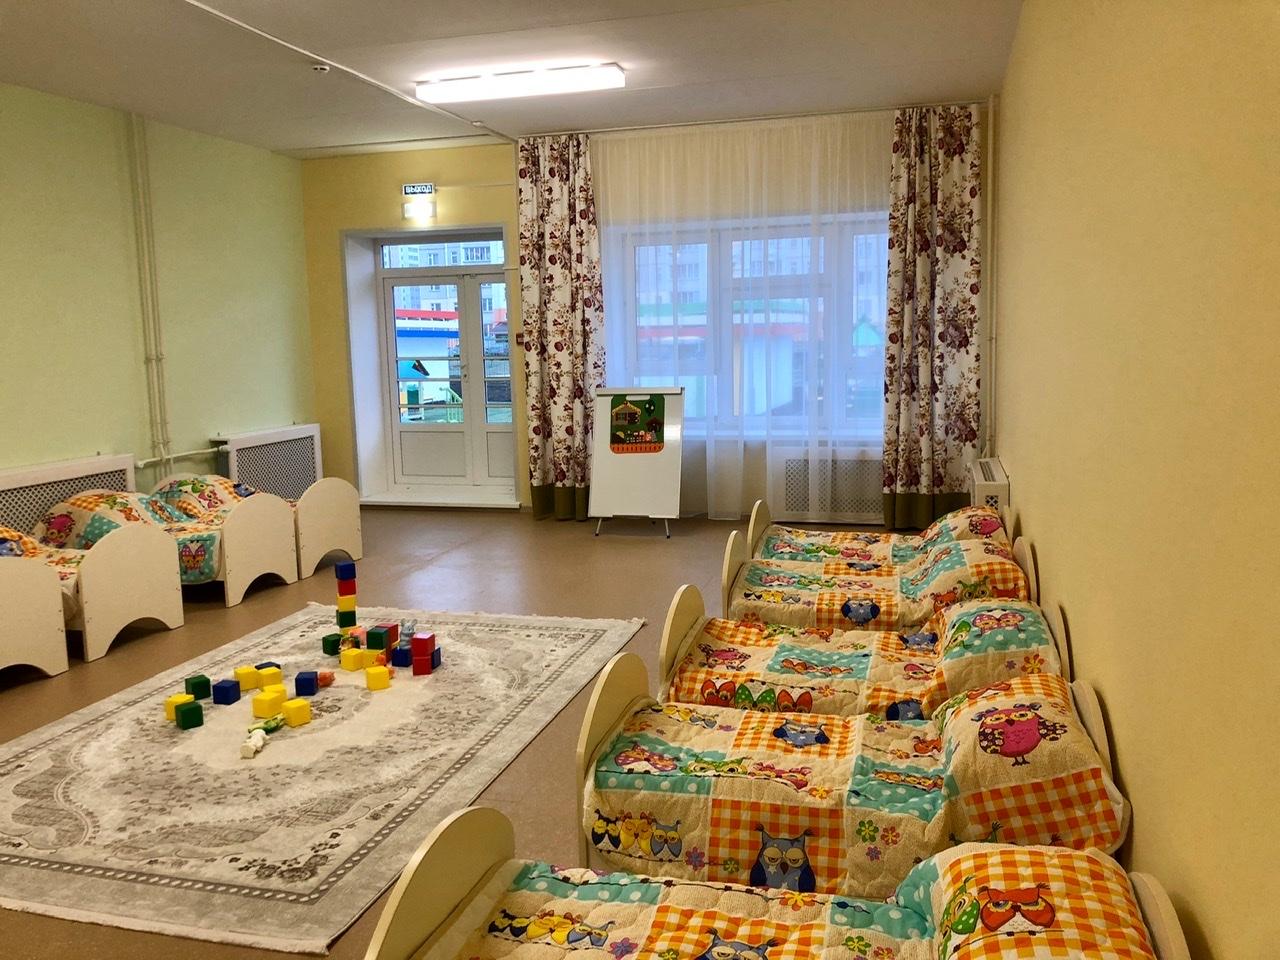 детский сад, кровати, группа